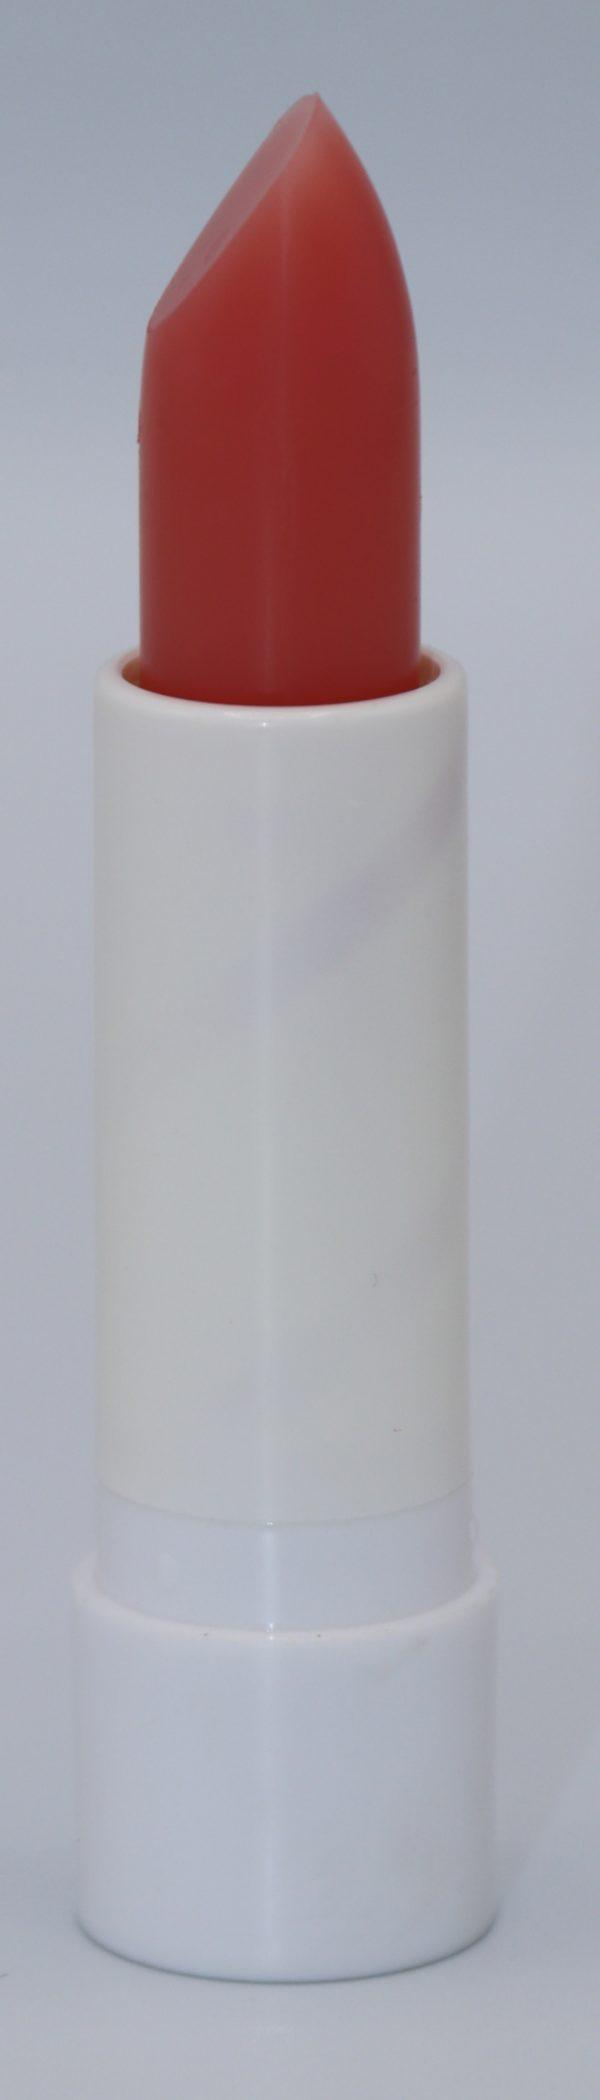 COS011 1